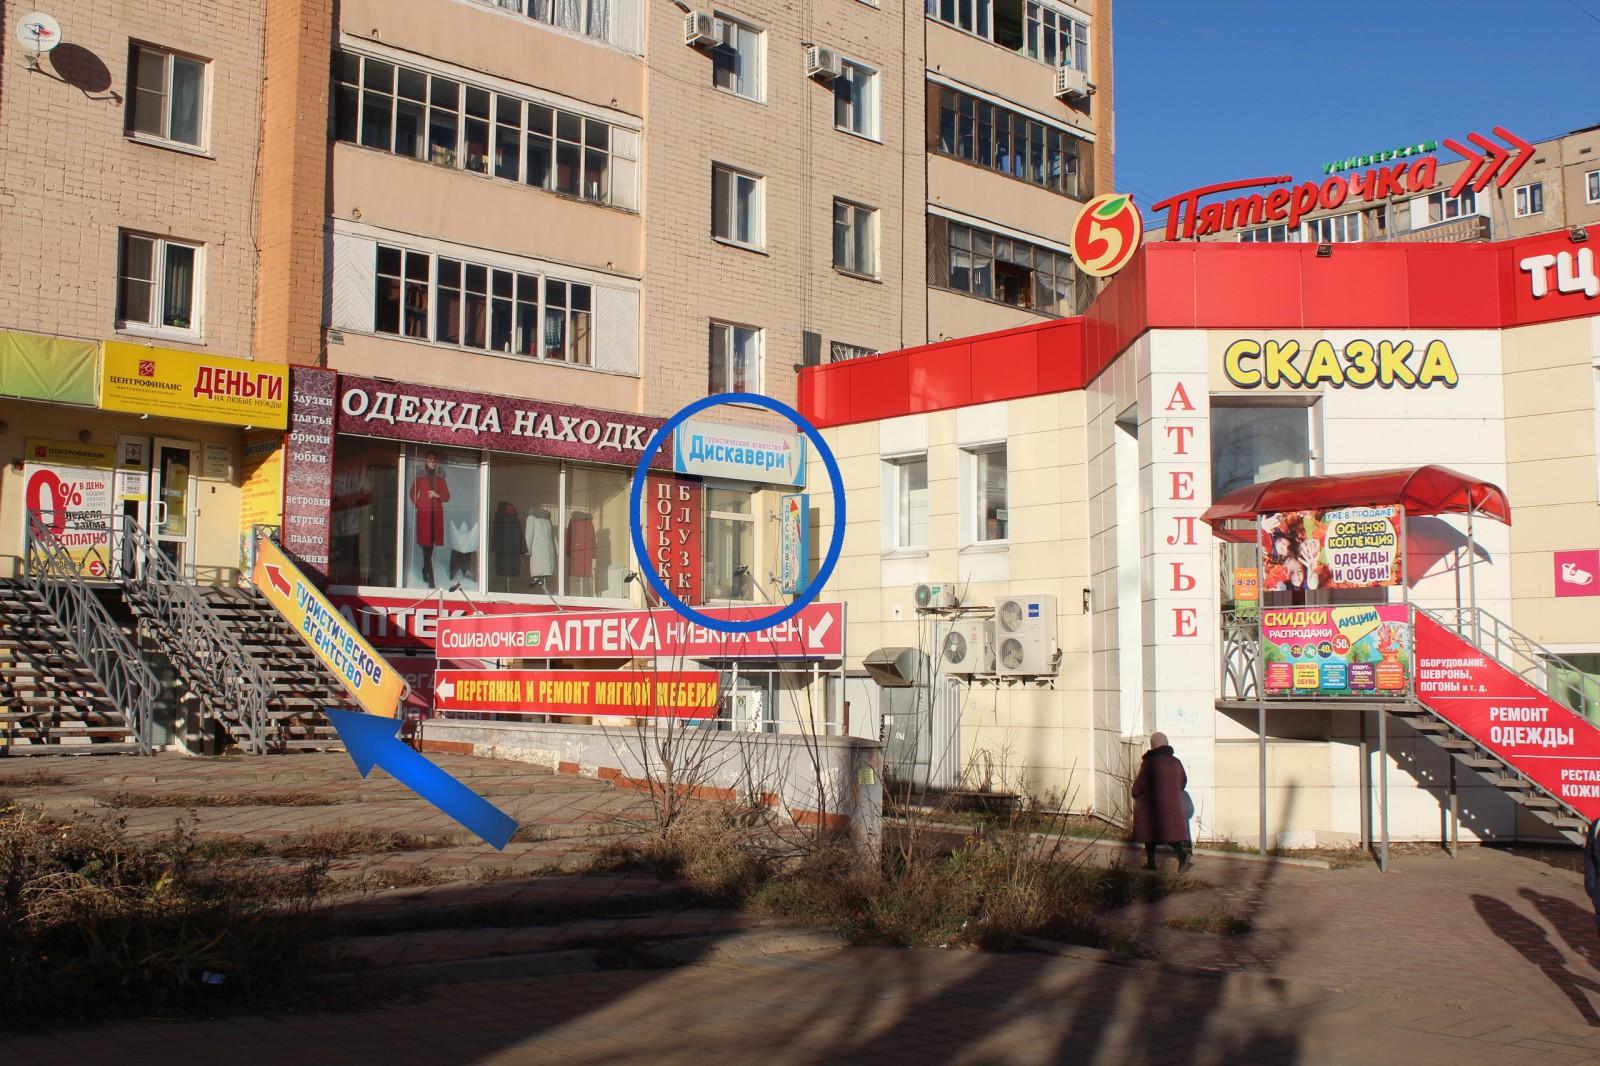 Кредит европа банк иркутск адрес